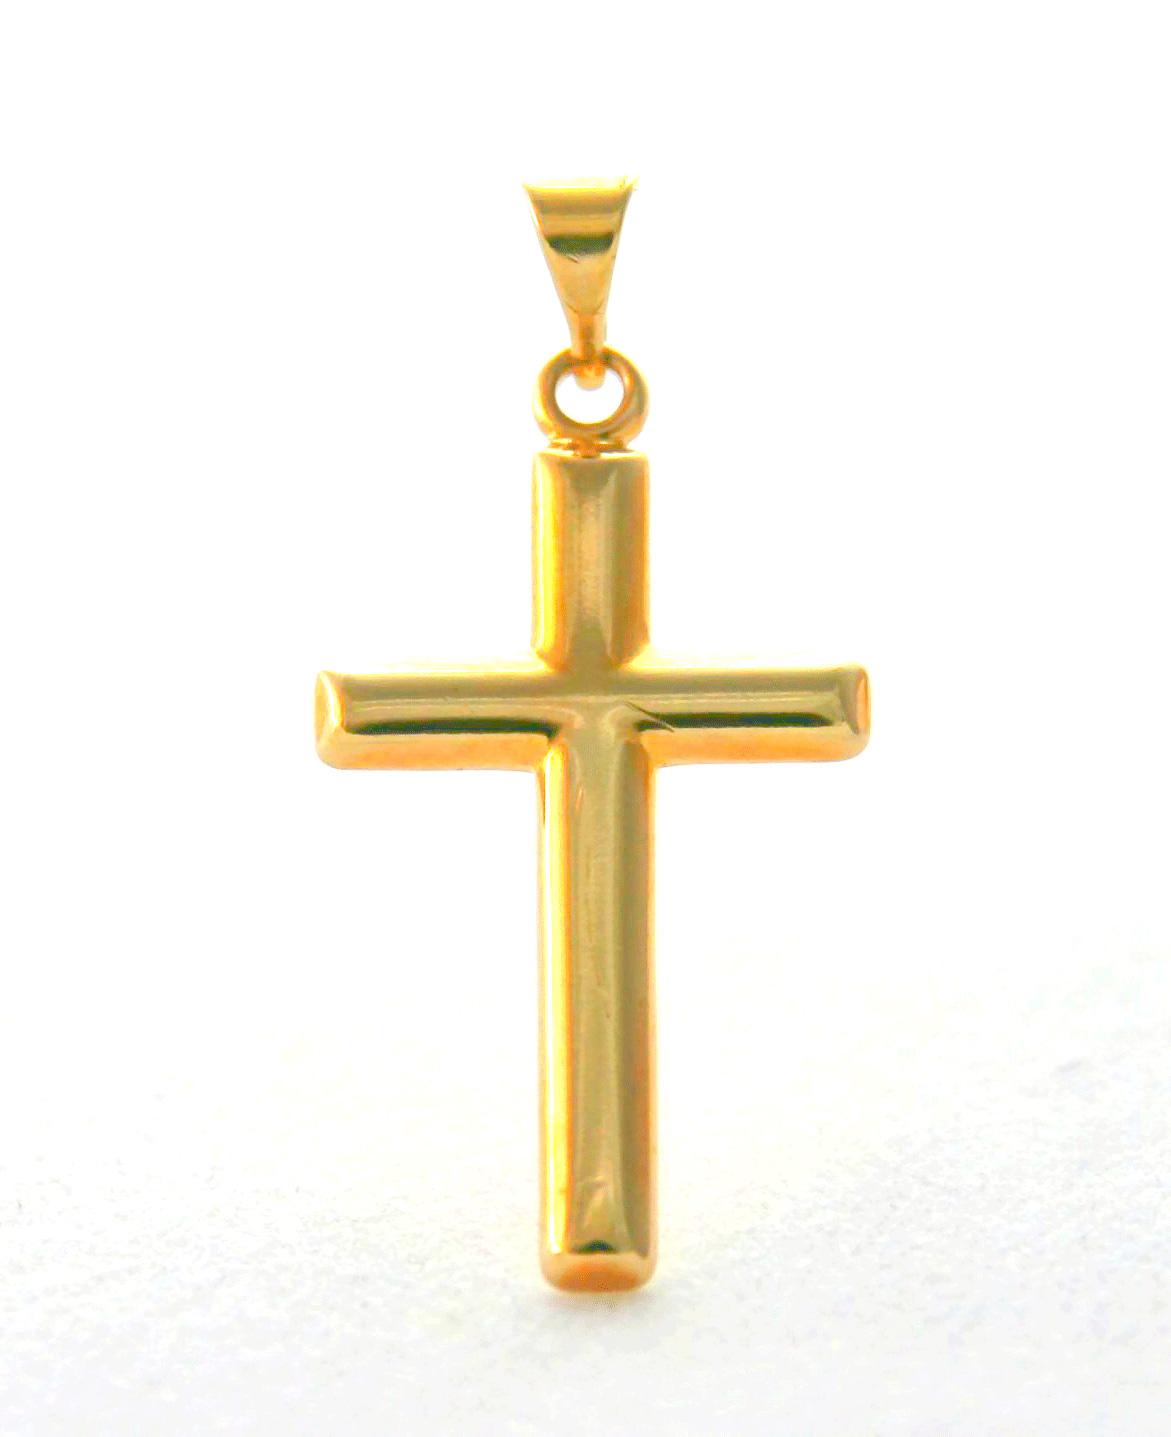 Croix latine 15 mm de large en plaqué or